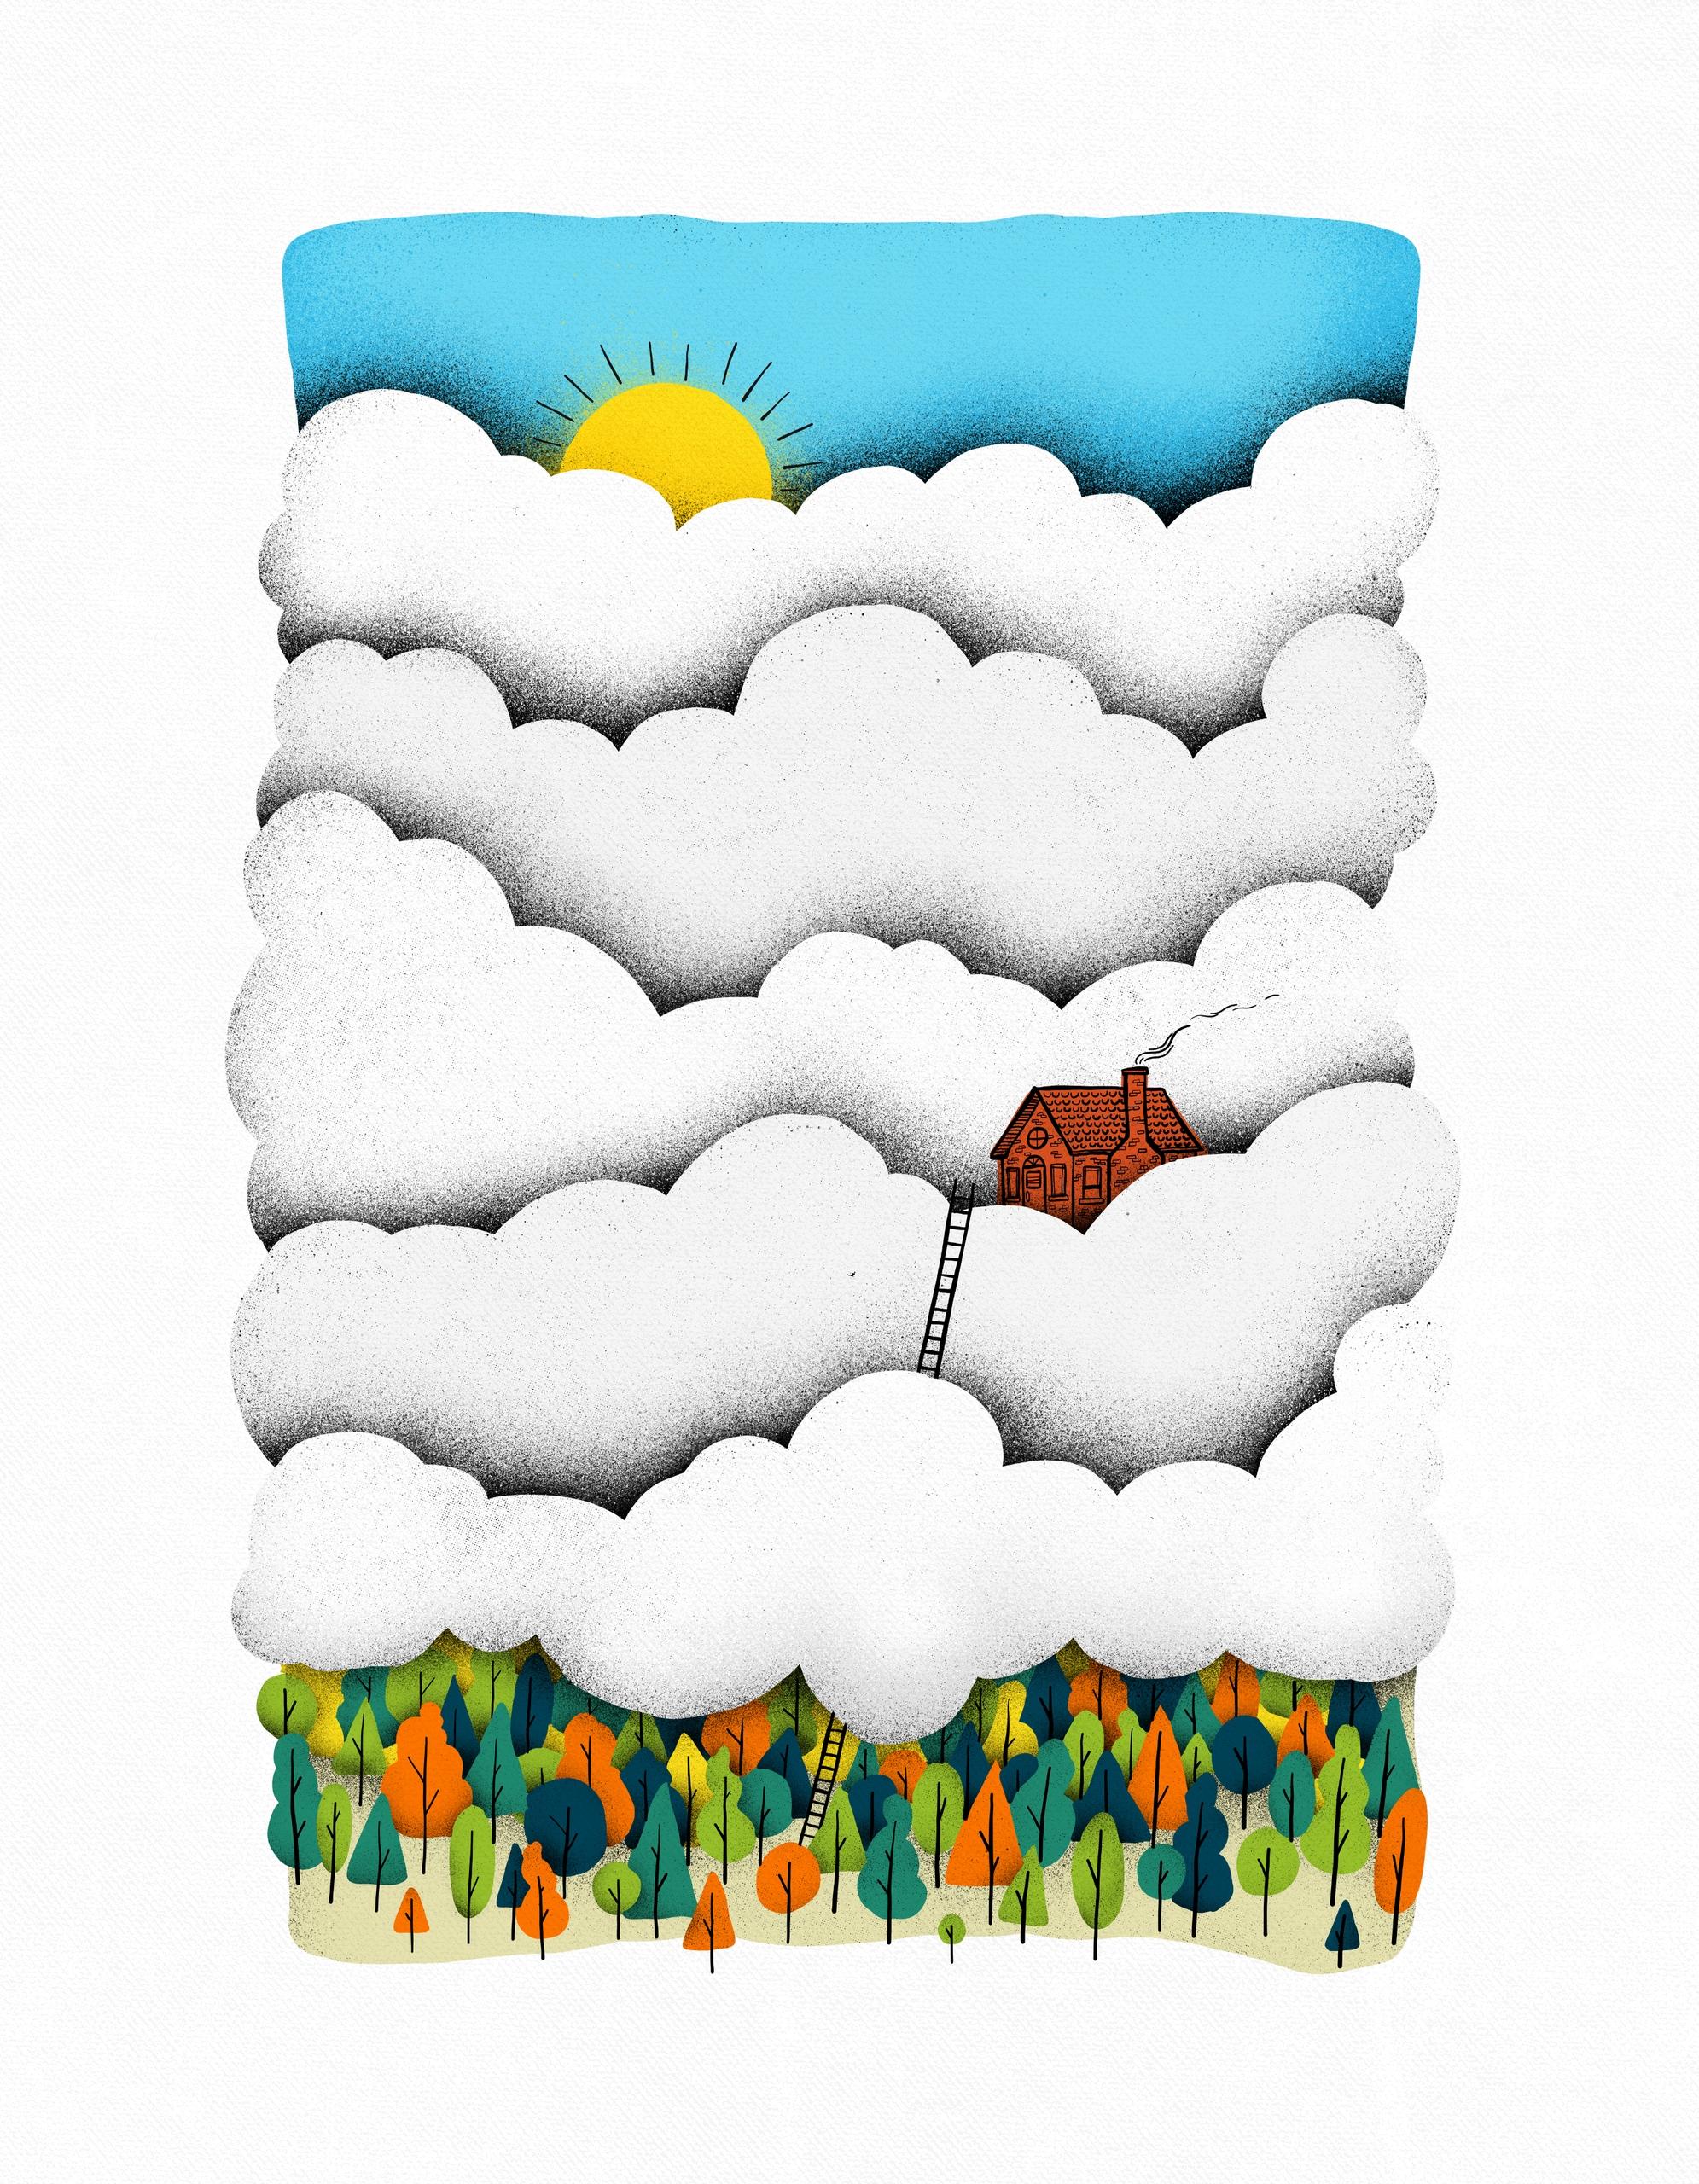 Home clouds - home, escape, introvert - gintron   ello